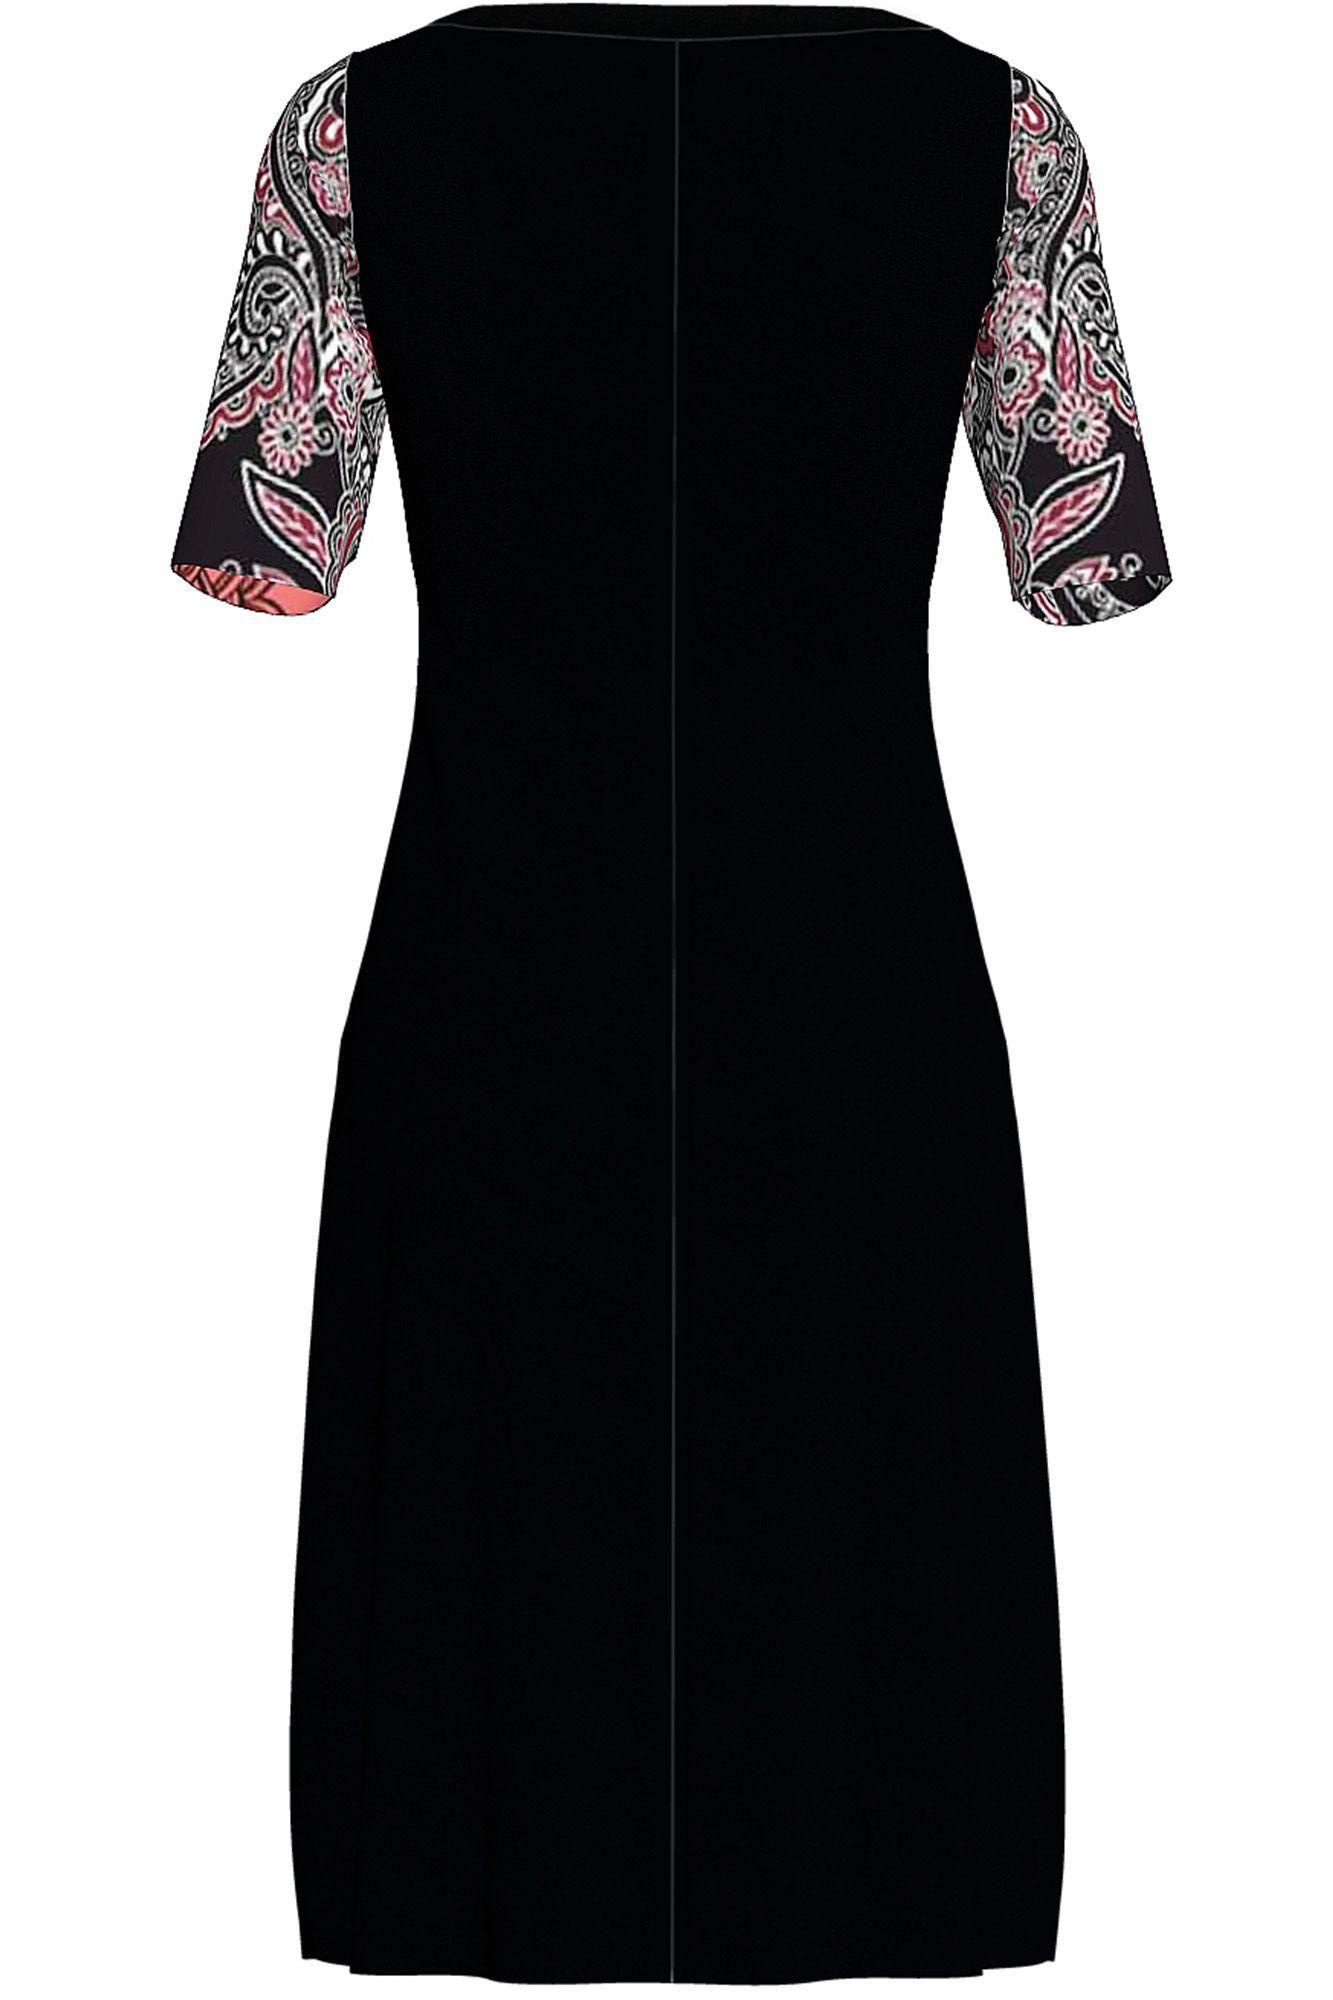 Φόρεμα Καλοκαιρινό Εμπριμέ